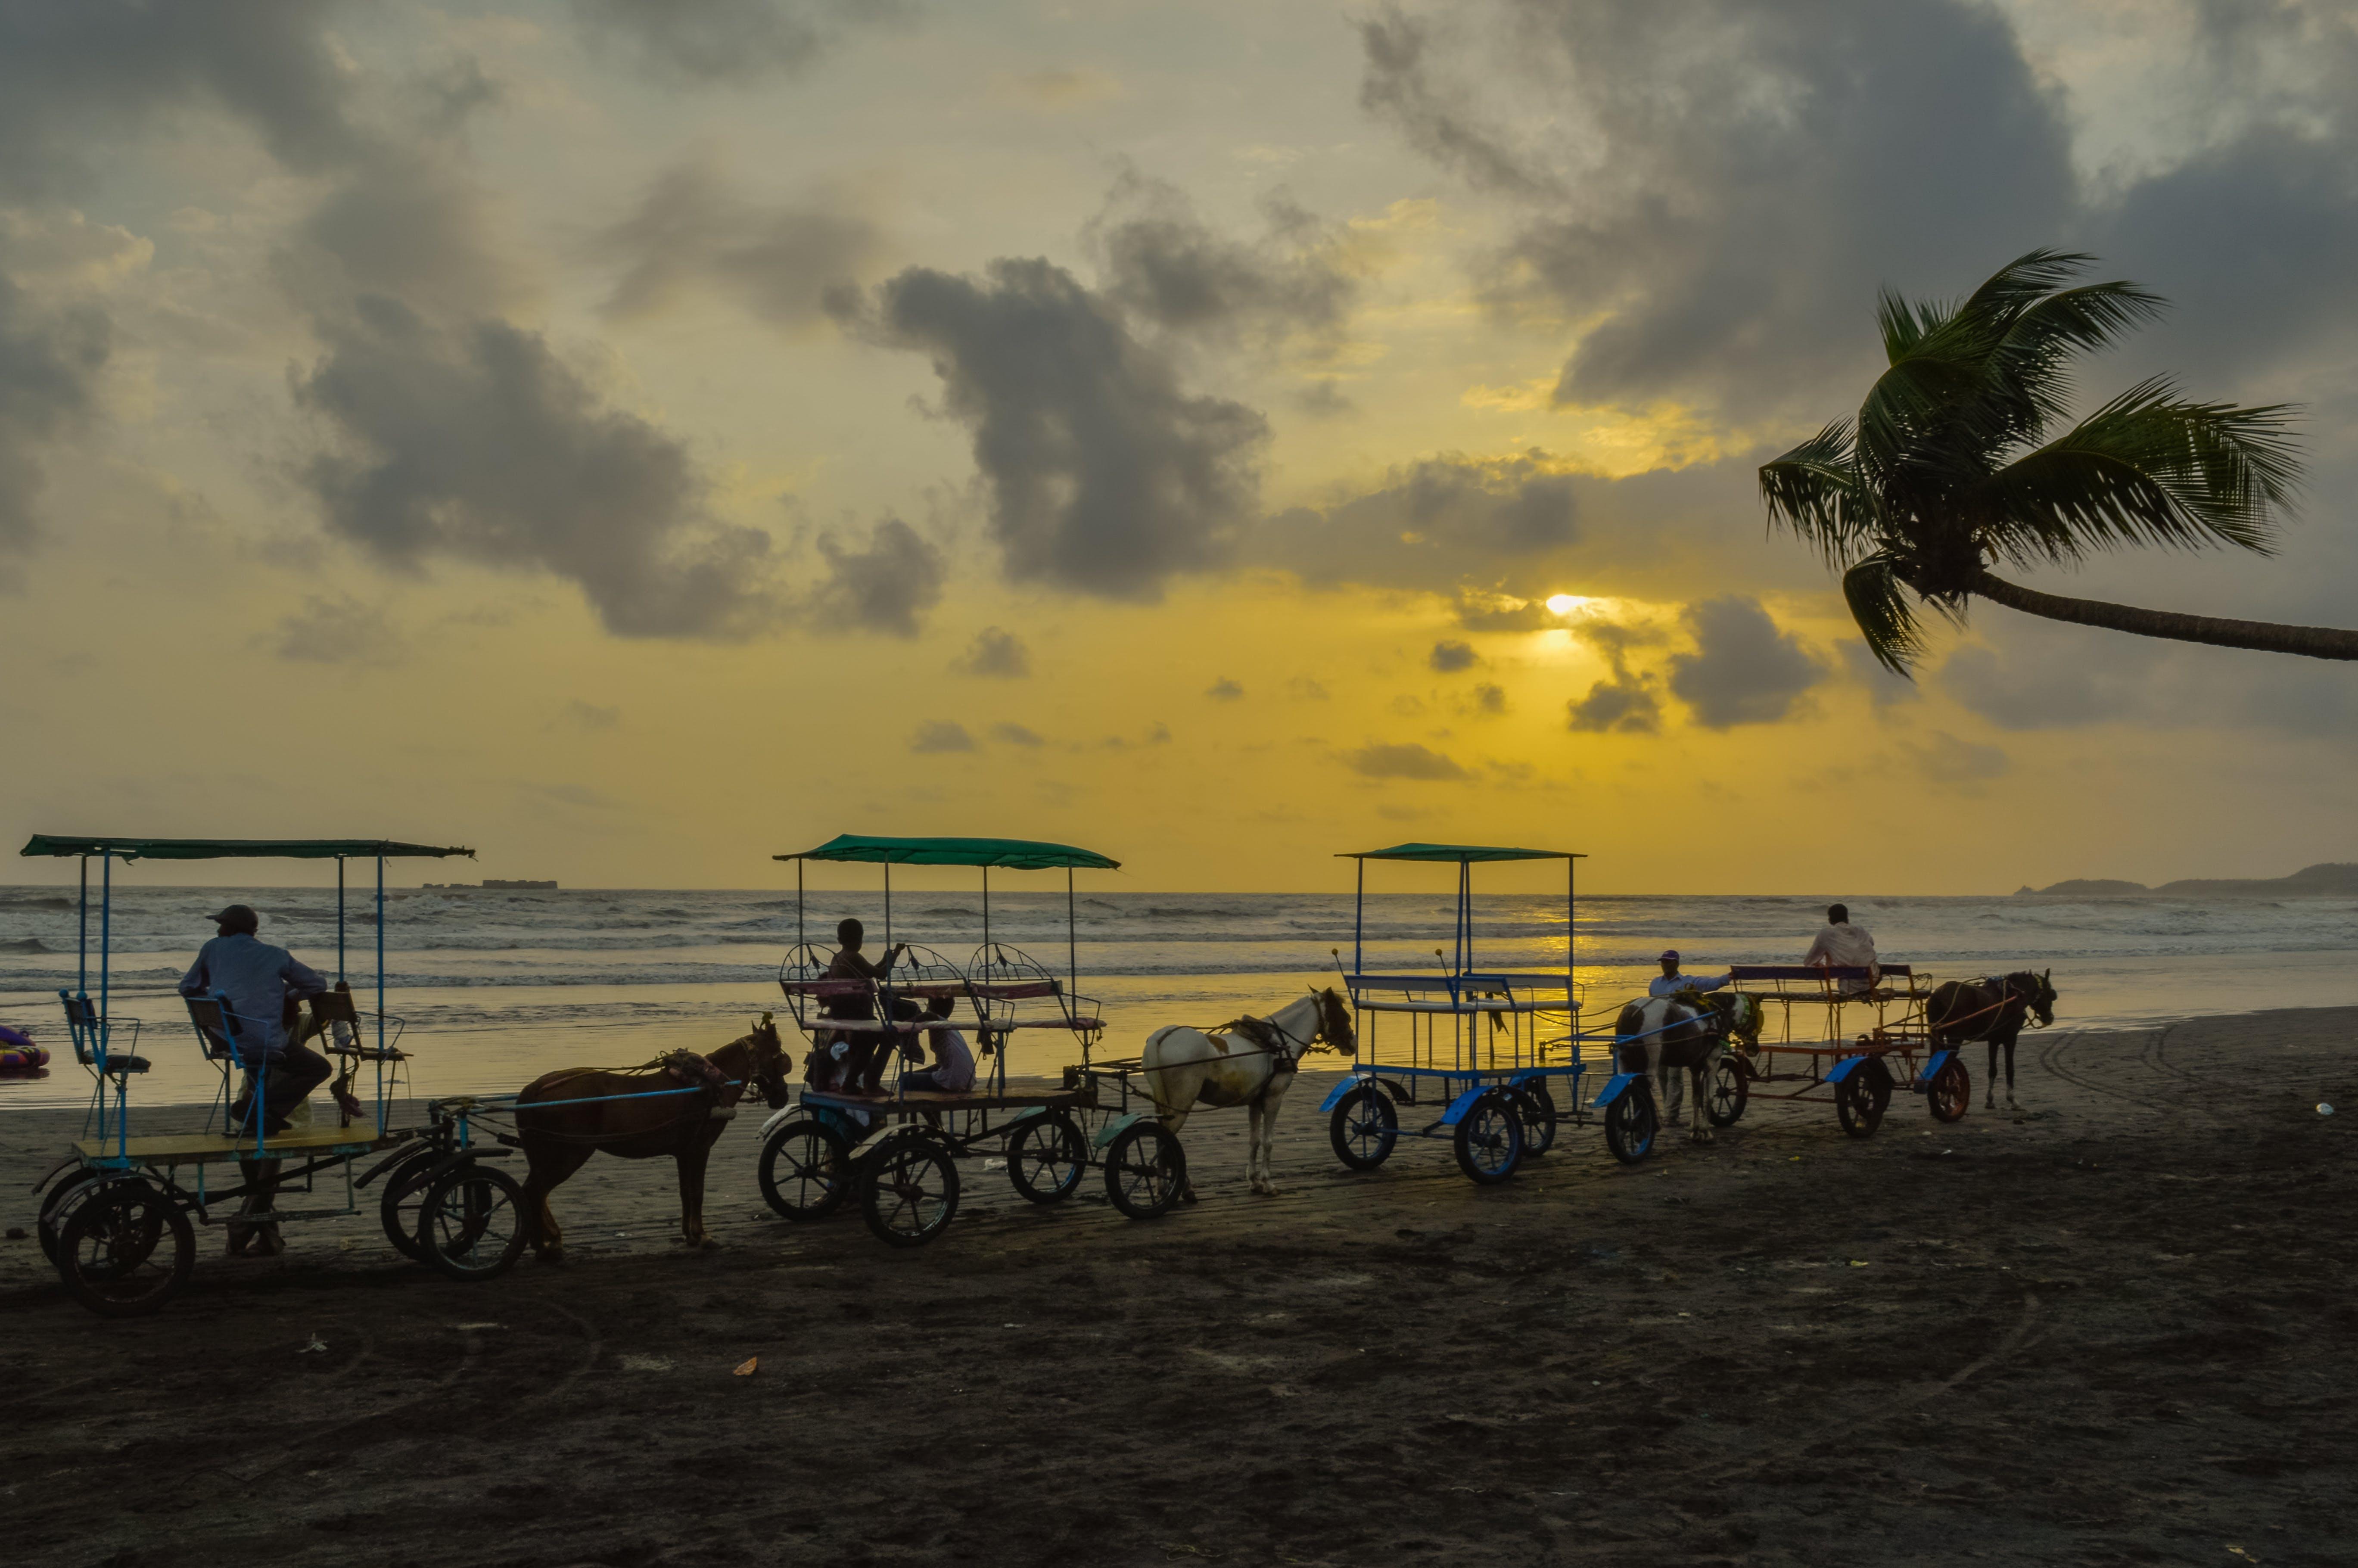 Fotos de stock gratuitas de aguacero, caballo, carritos, carro